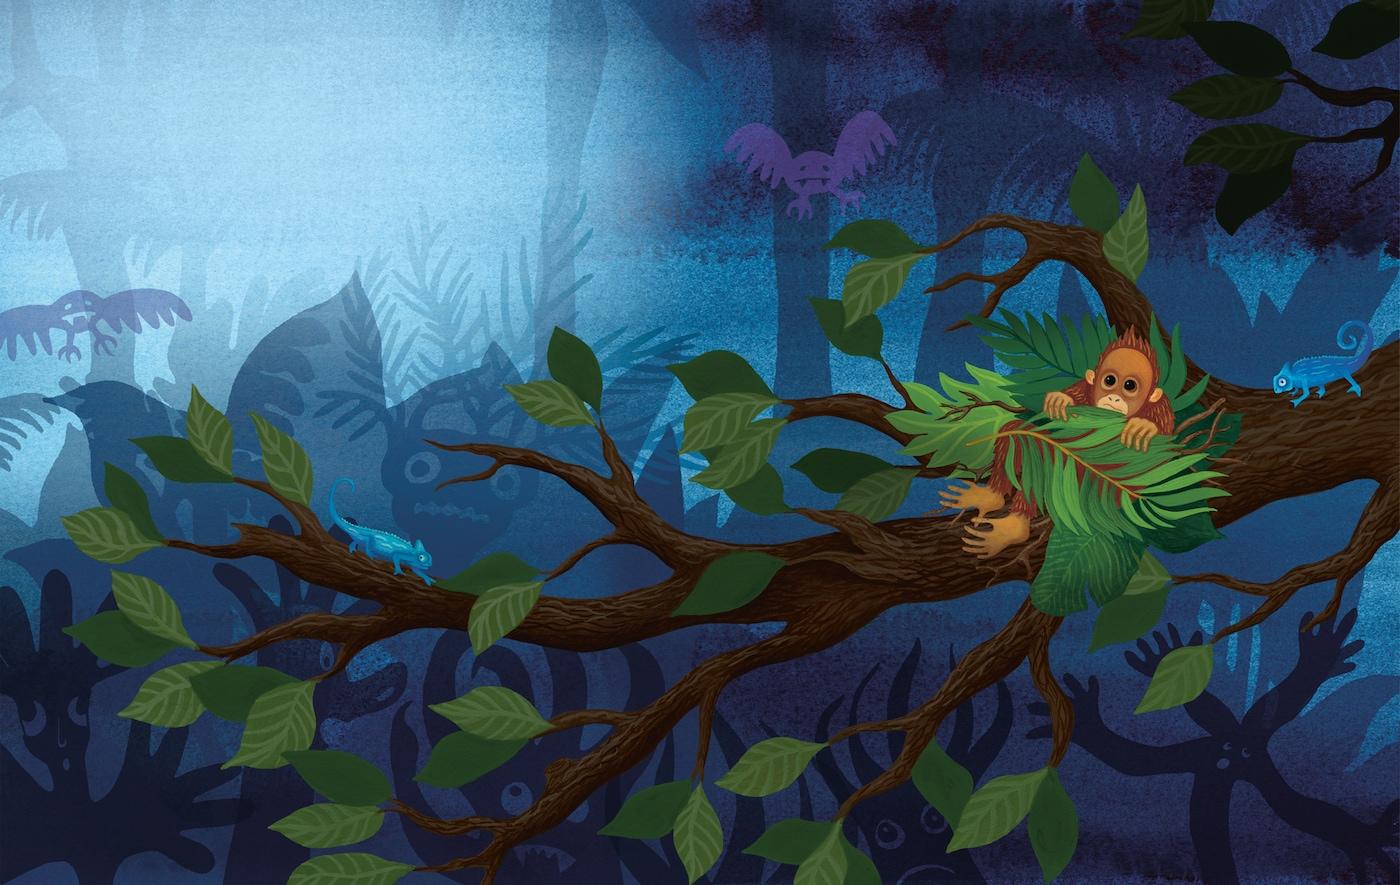 Bunte Illustration eines kleinen Orang-Utans in einem Baum